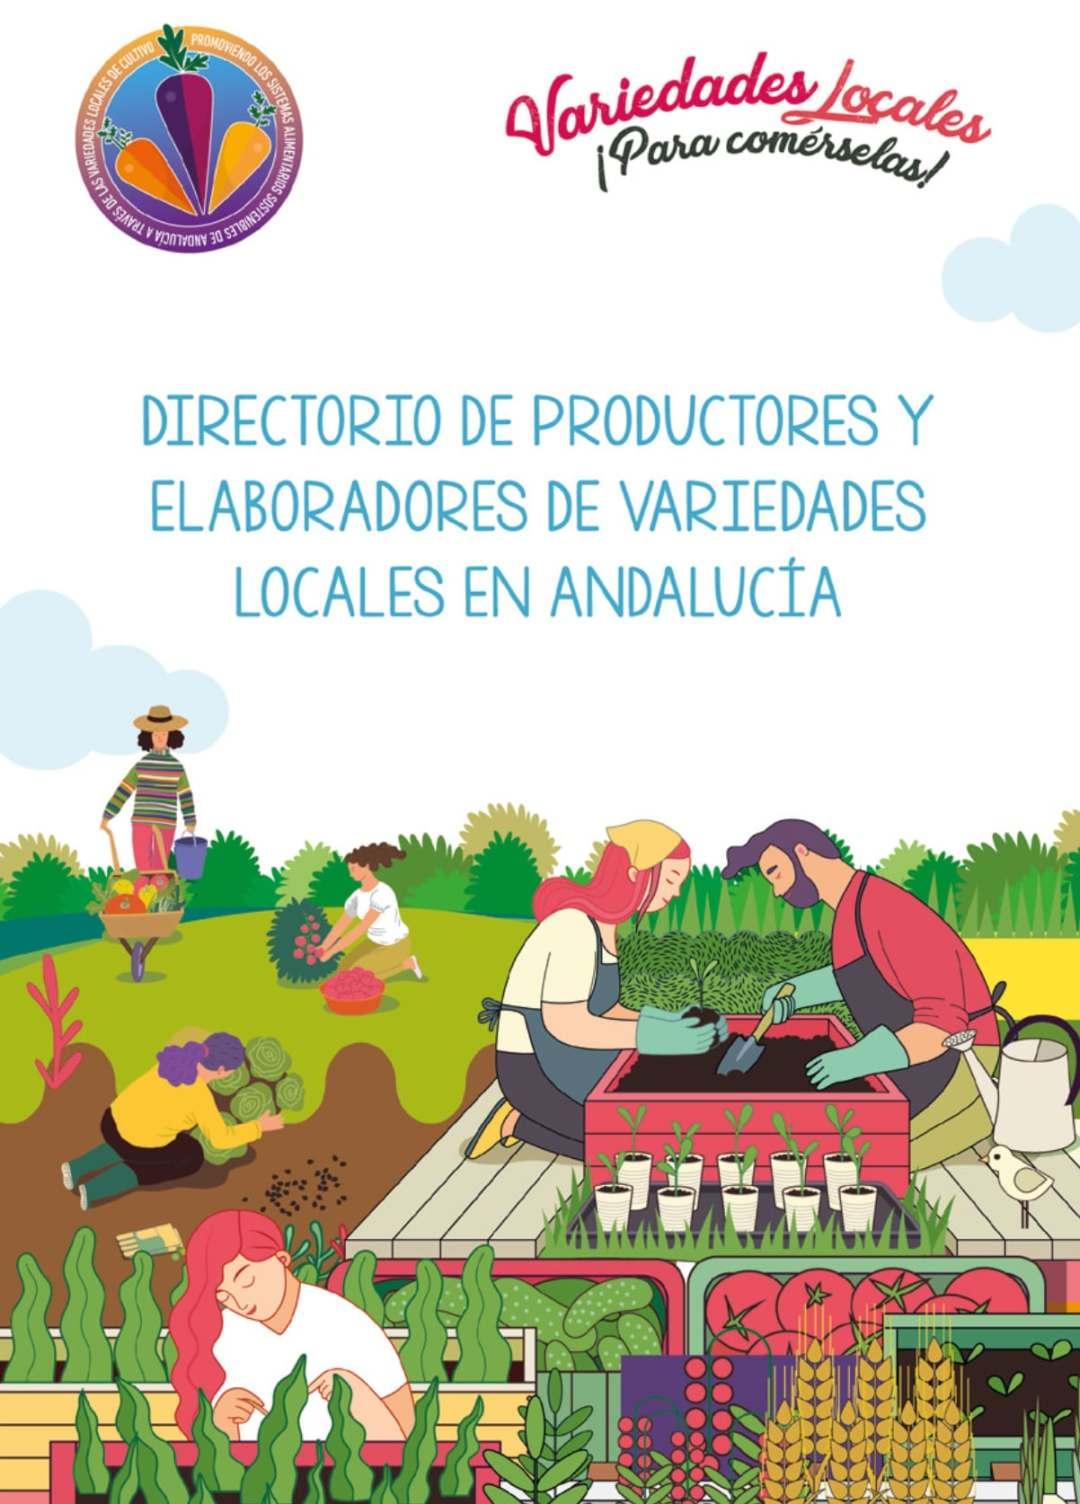 Directorio de productores y elaboradores de variedades locales de Andalucía